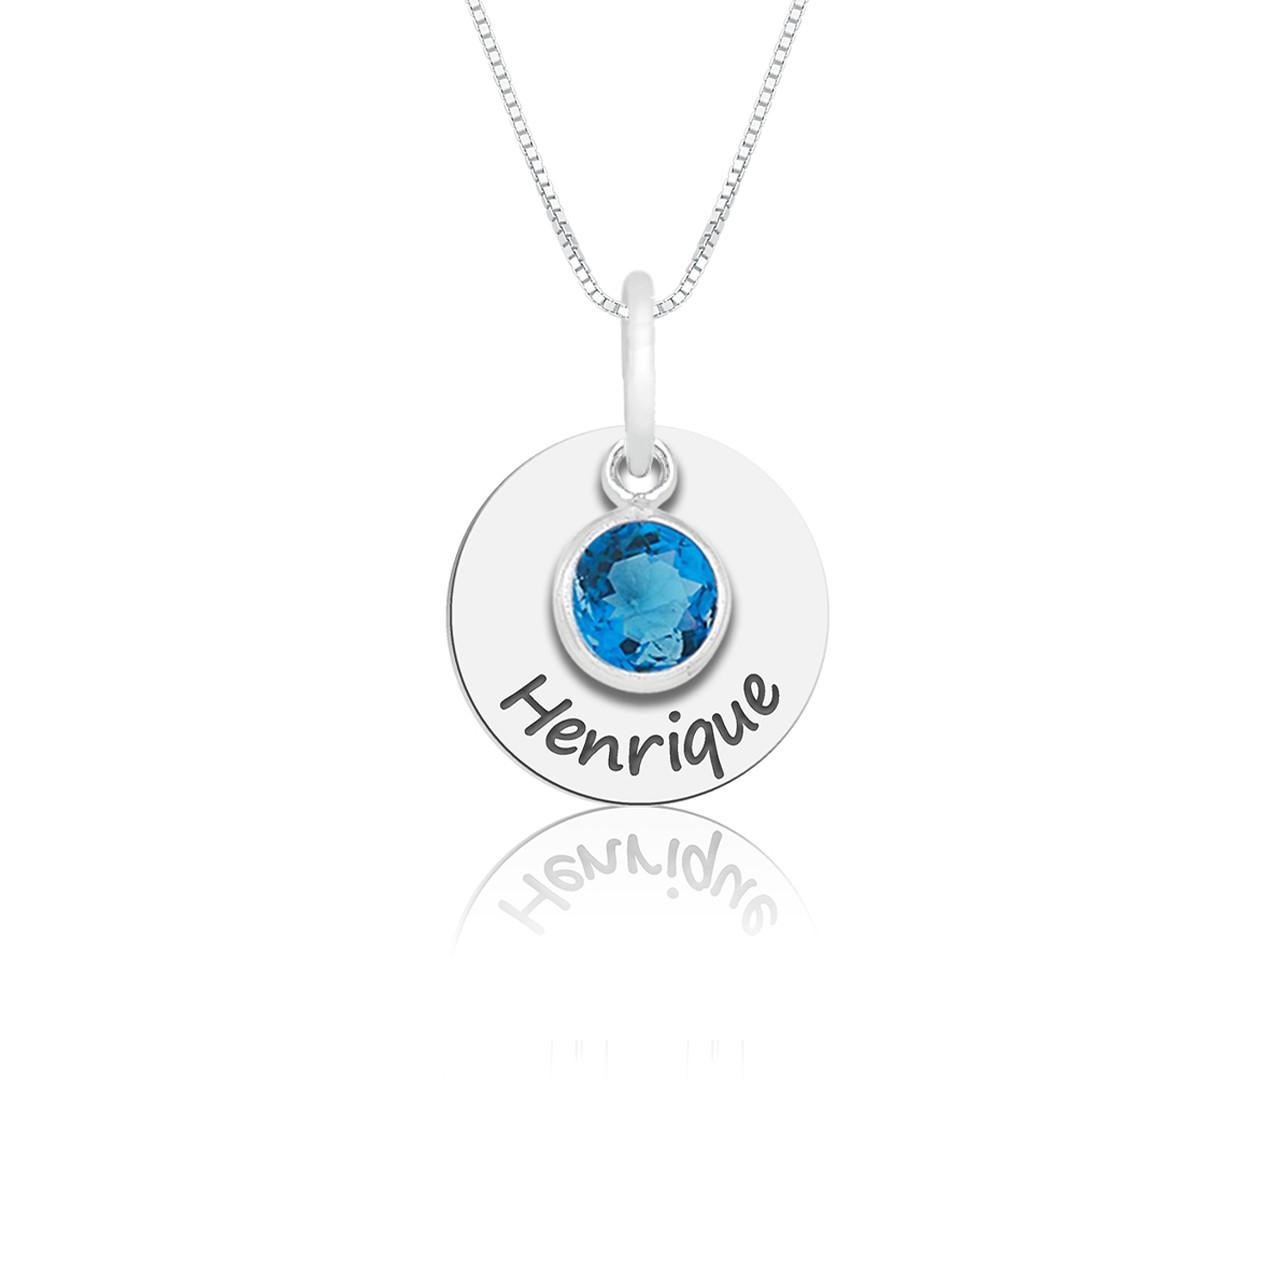 Colar Cristal Azul Personalizado (Ler Descrição)